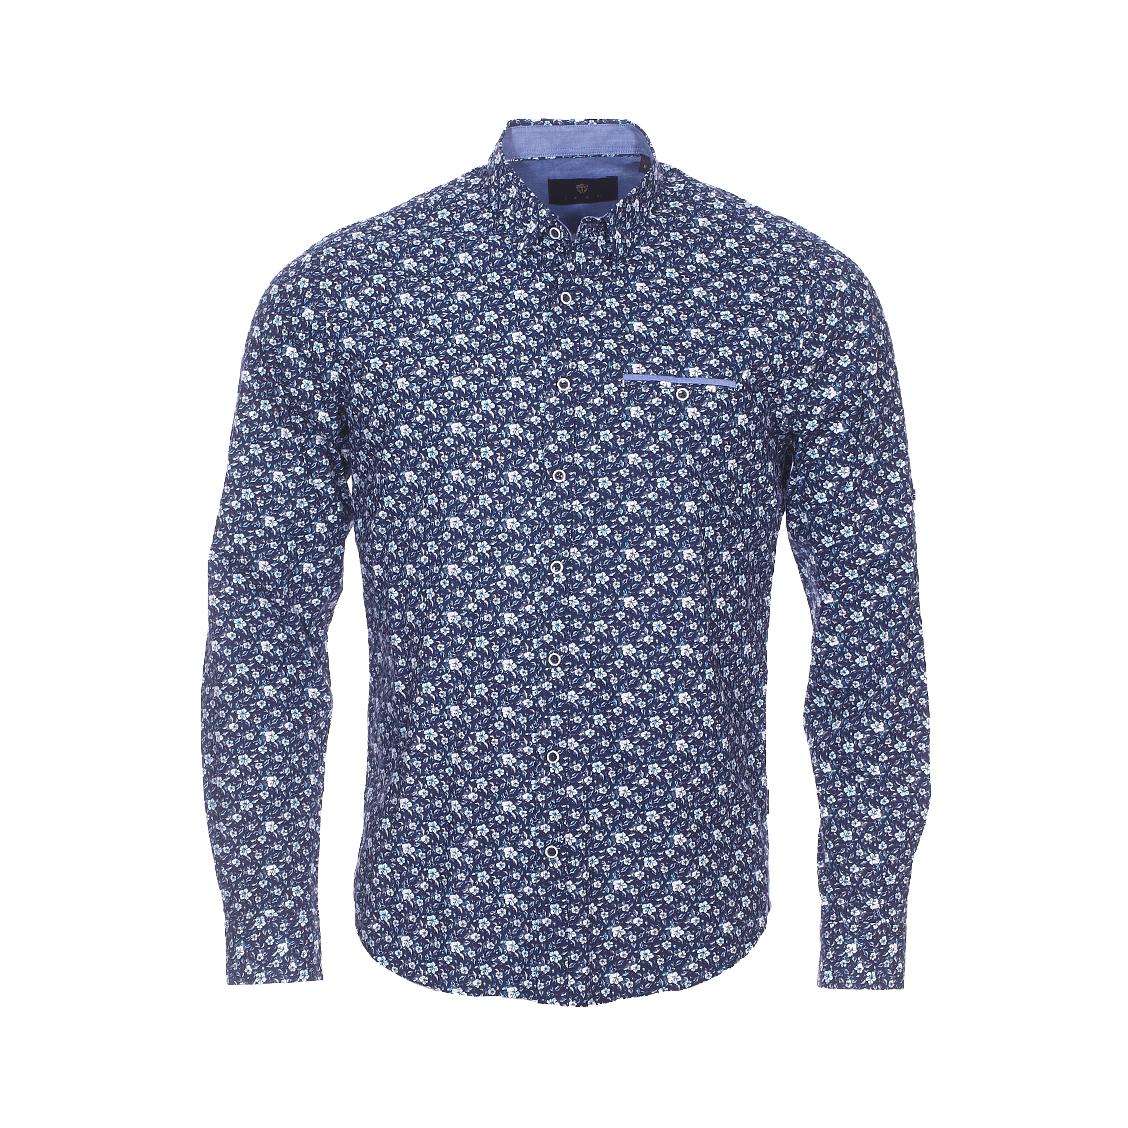 Chemise droite Izac en coton bleu marine à fleurs blanches et bleues